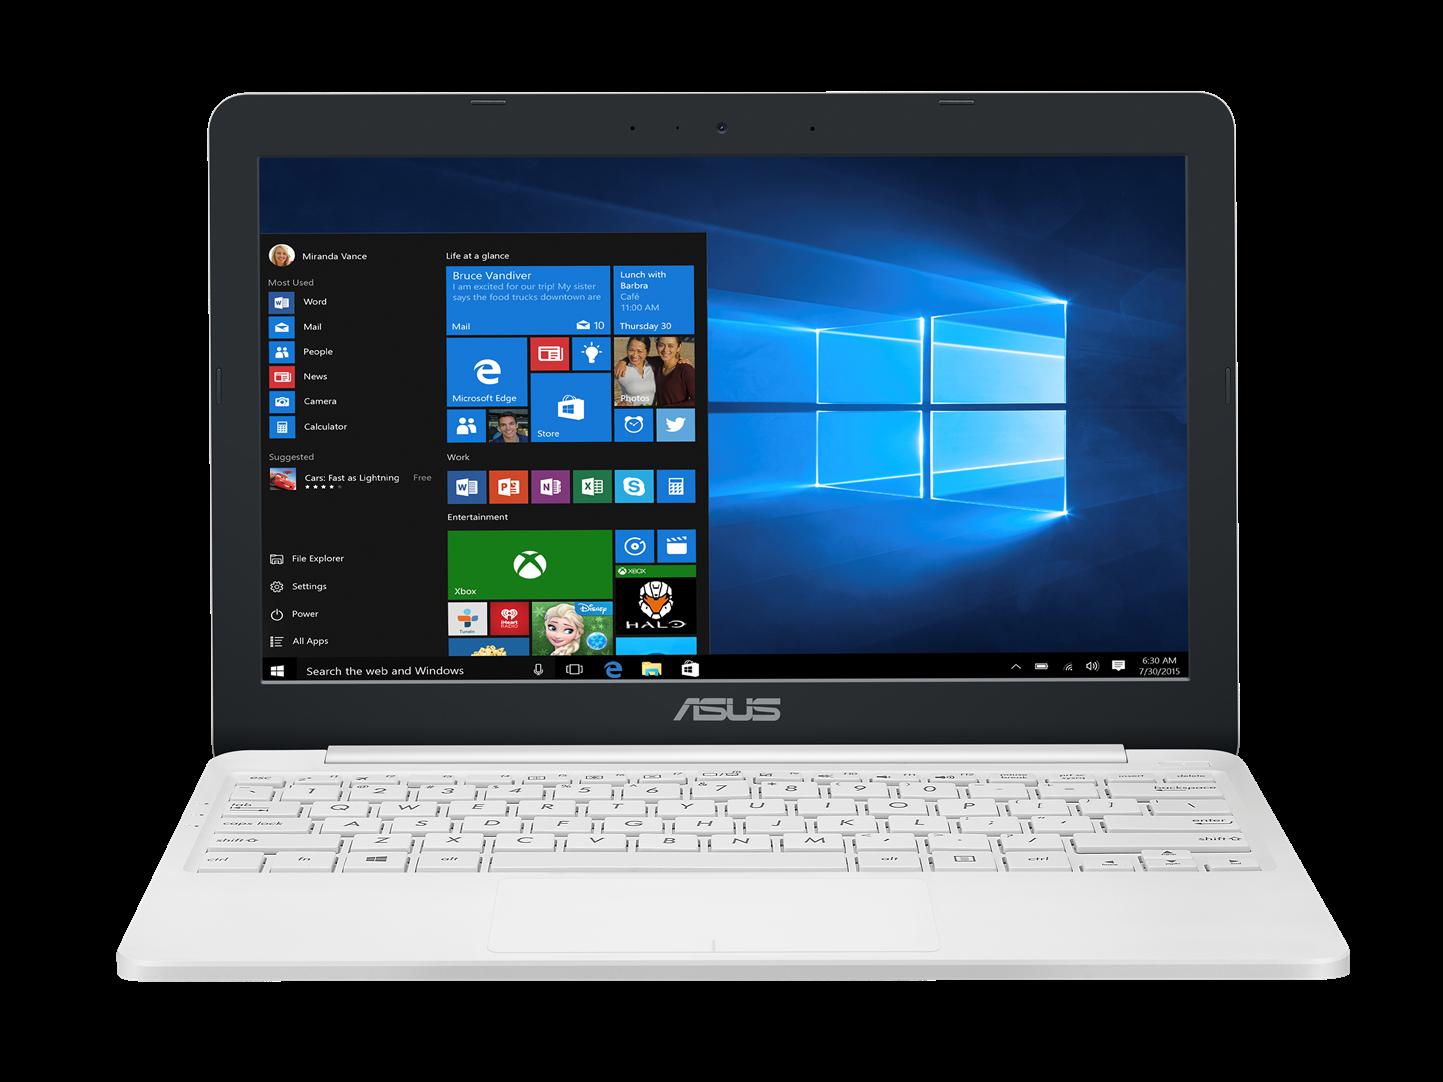 """ASUS E203NA-FD108TS Celeron N3350/4GB/32GB EMMC/Intel HD Graphics 500/11,6"""" 1366x768 HD/BT/Glare/W10 Home/White"""